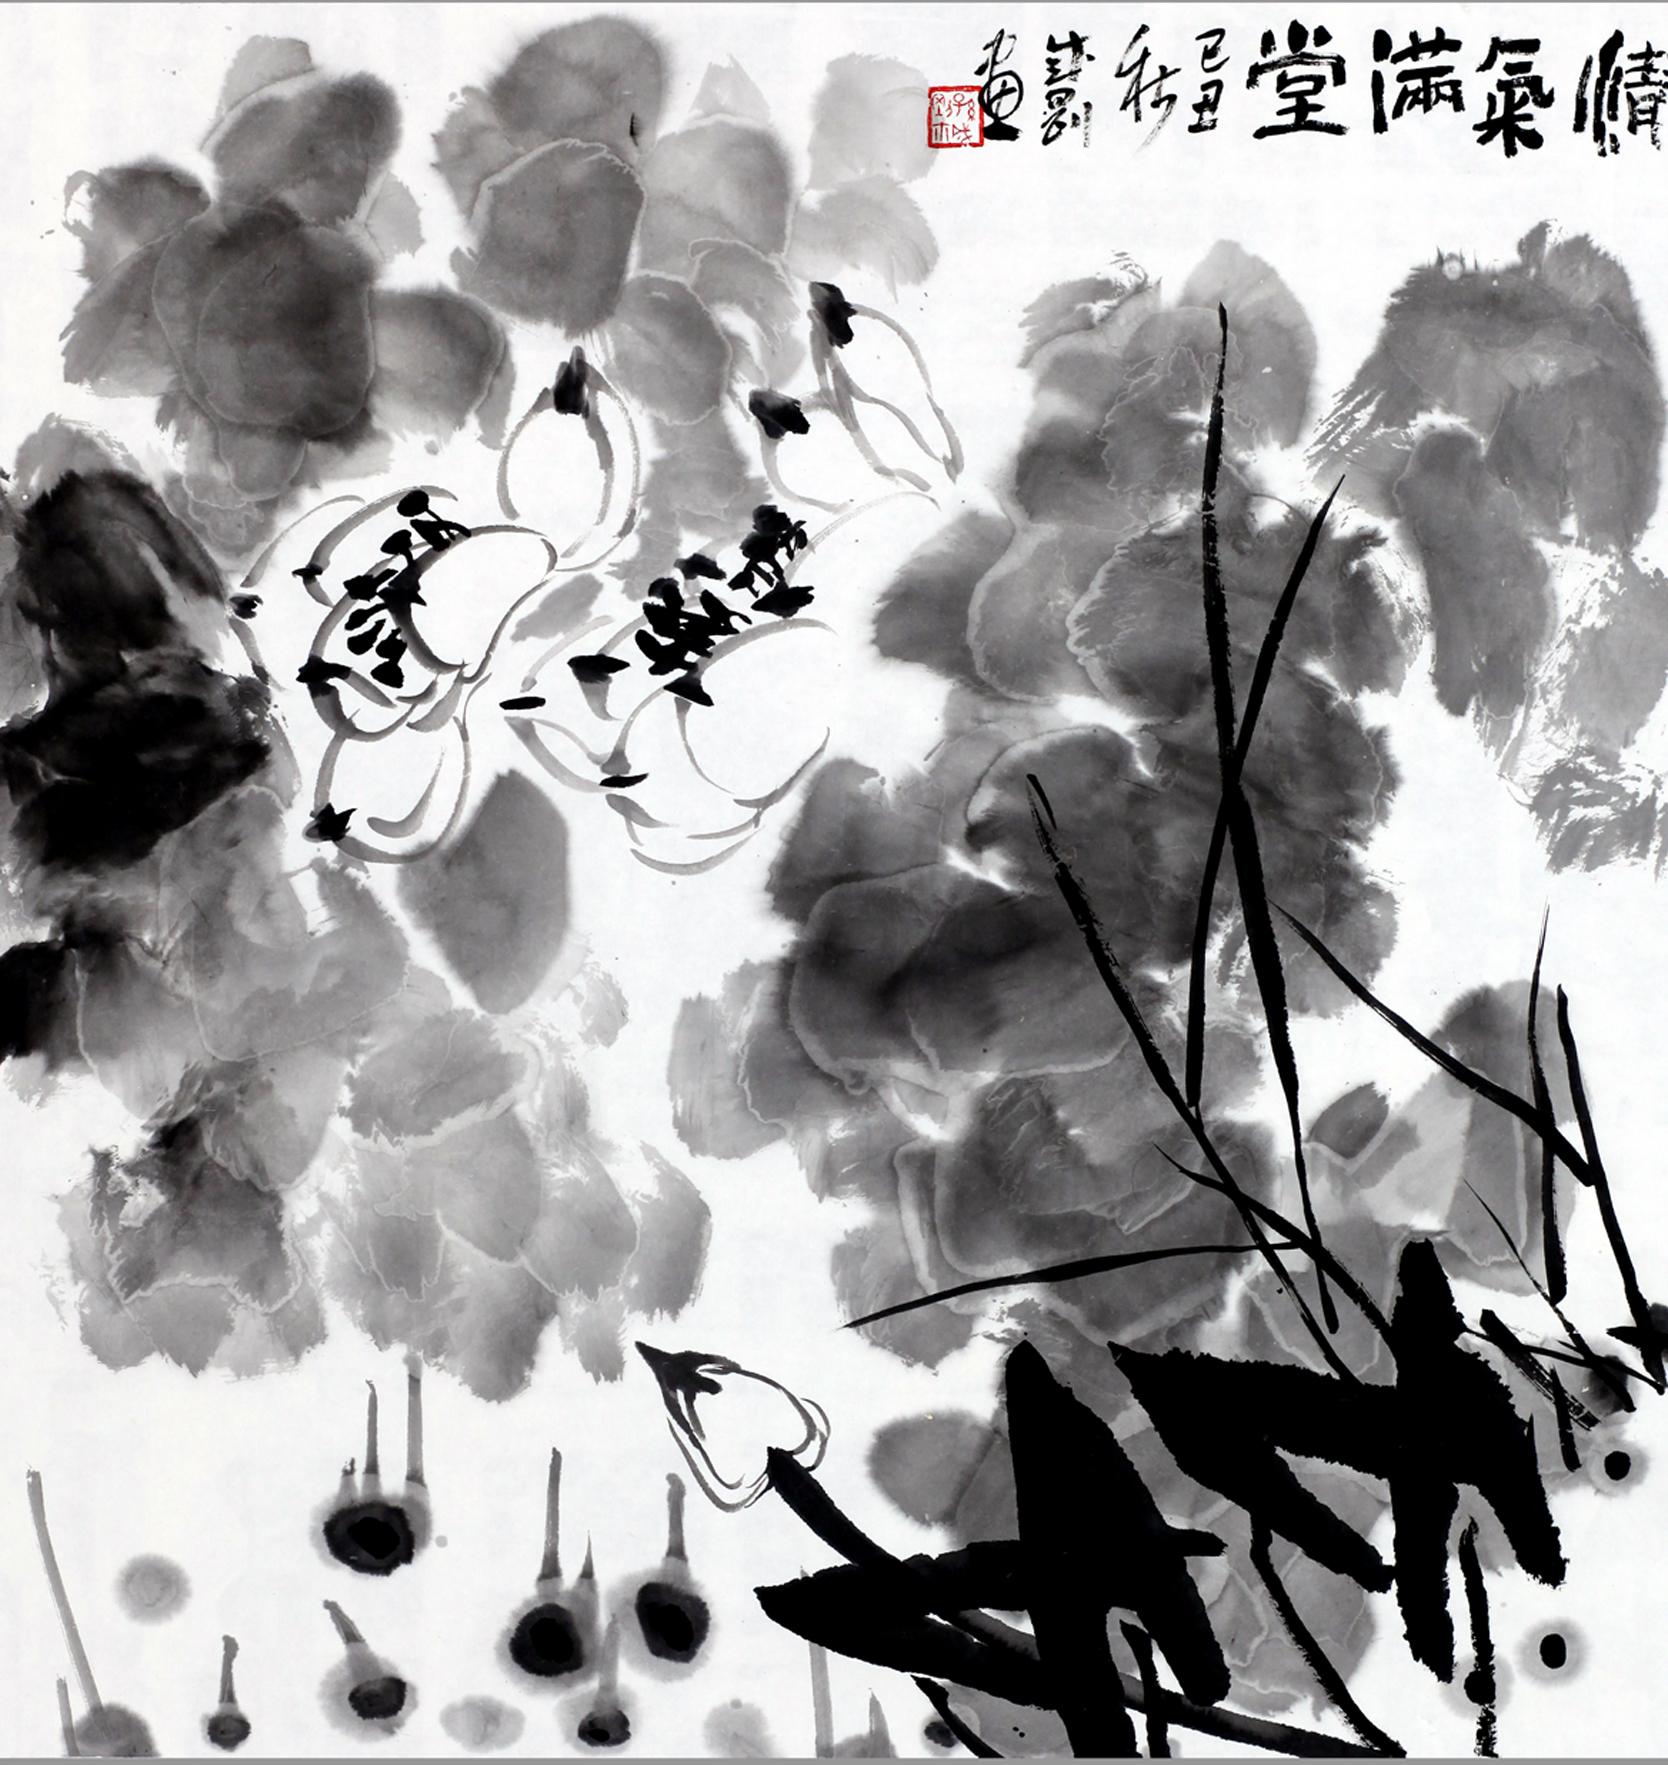 艺术经历:孙成刚从小爱好书画,先后师从画家郭石夫,秦天柱学习花鸟画图片